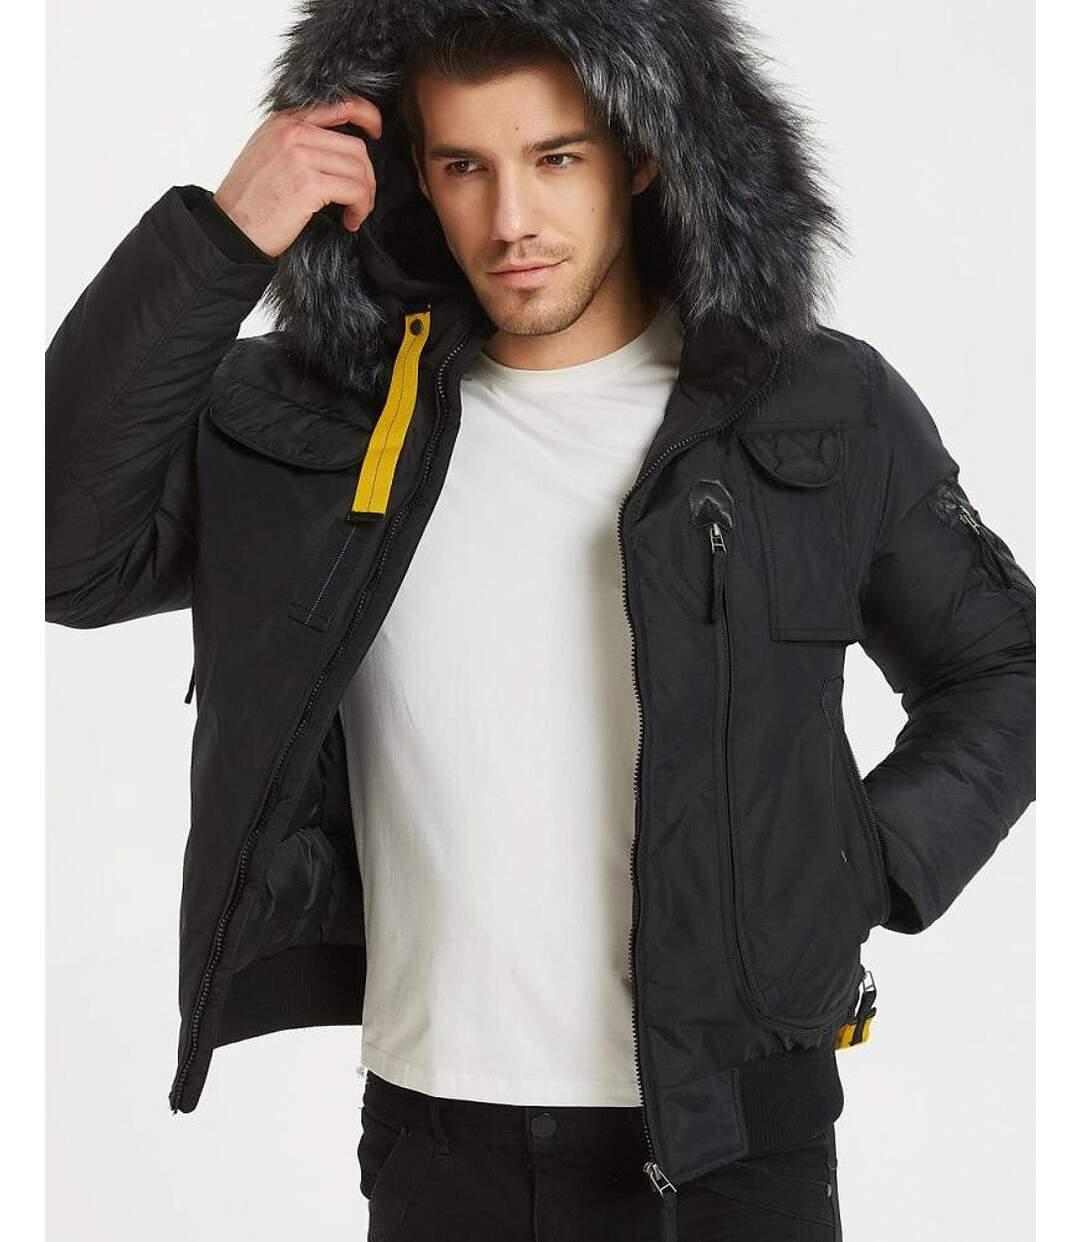 Blouson parka noir zippé à col capuche fausse fourrure gris noir amovible avec languette jaune visible pour homme